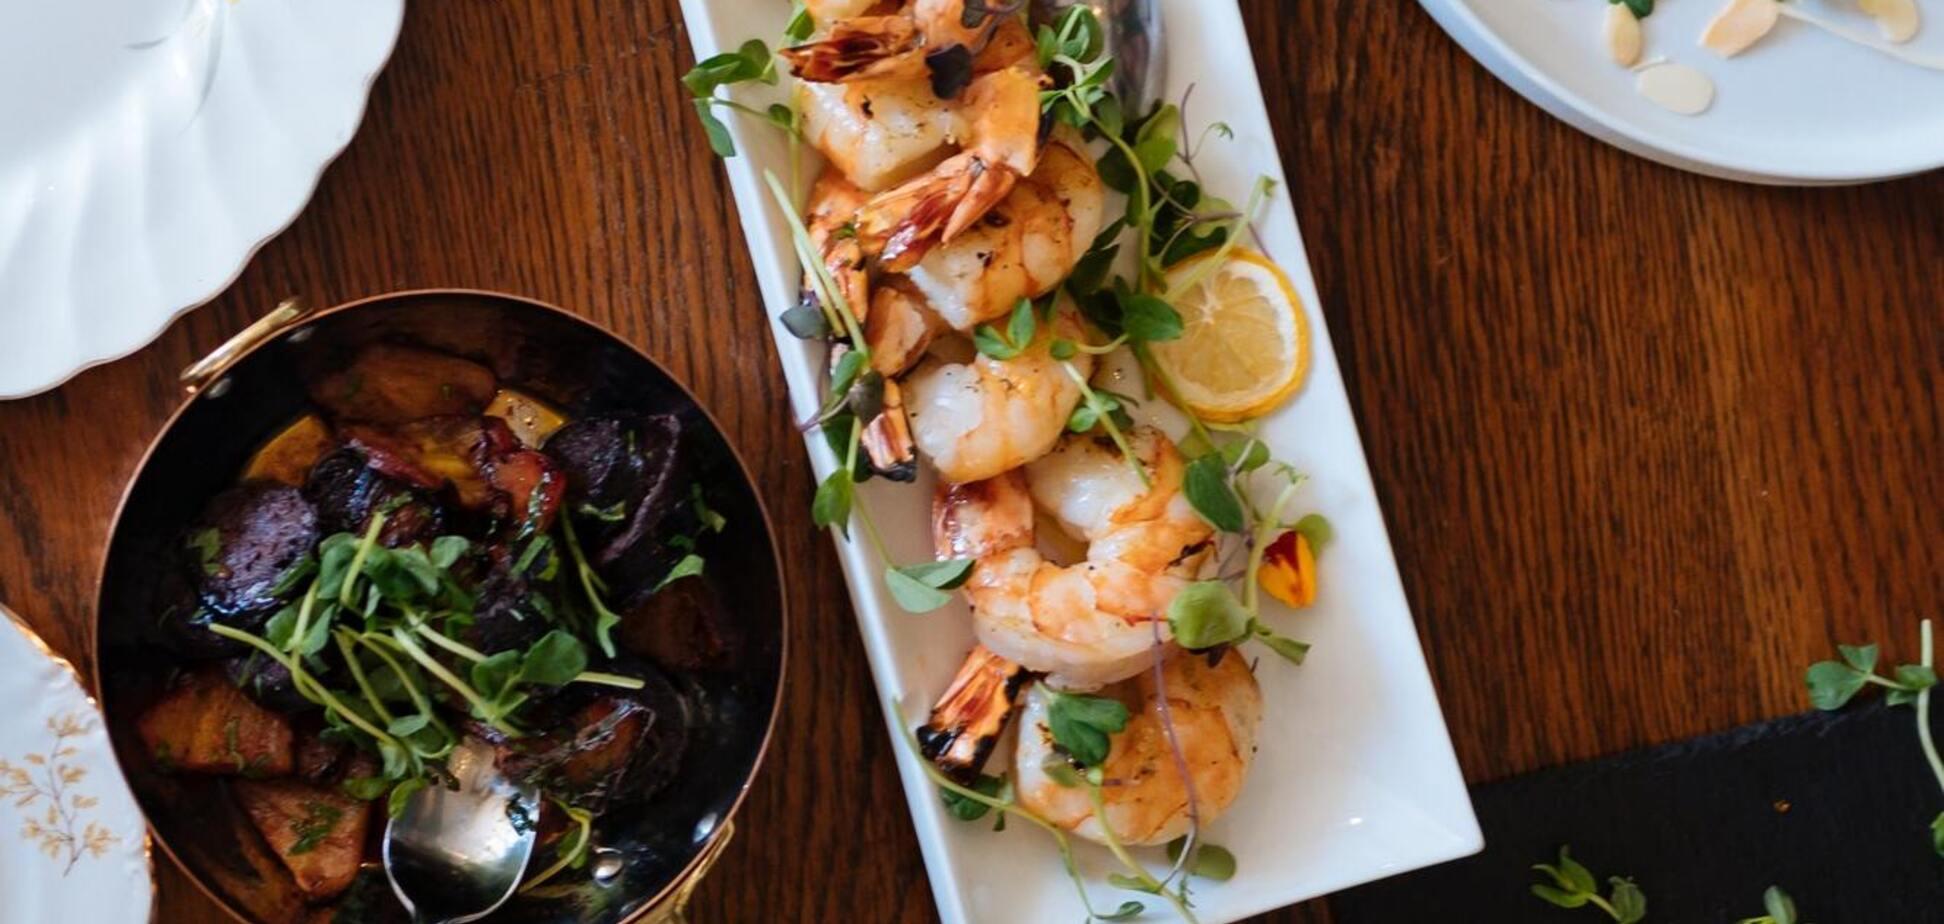 Як смачно приготувати маринад для морепродуктів і м'яса